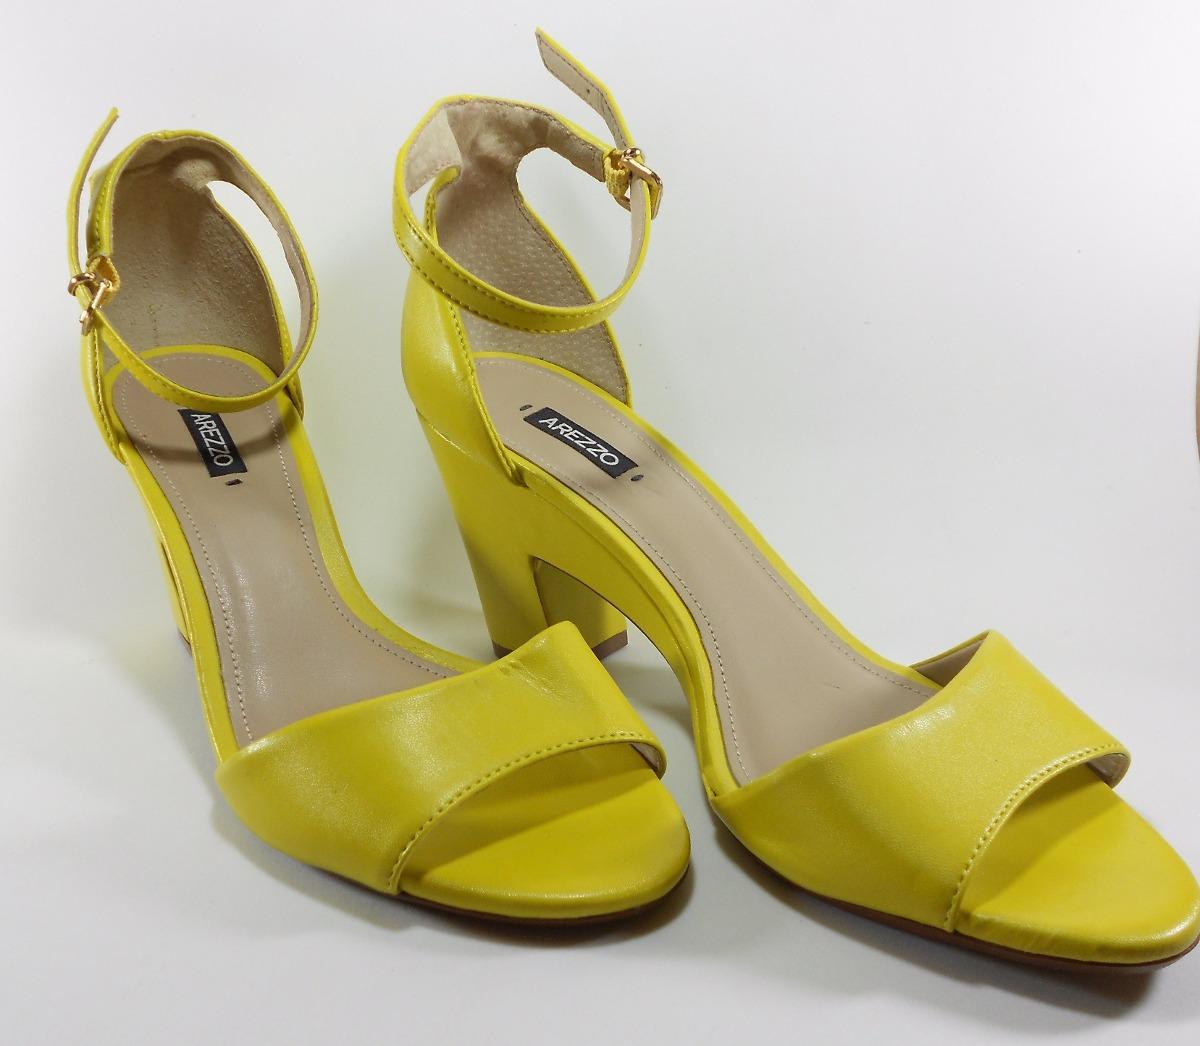 cc4c4dba5c Sapato Sandalia Feminina Arezzo Couro Amarela Salto Baixo - R  154 ...